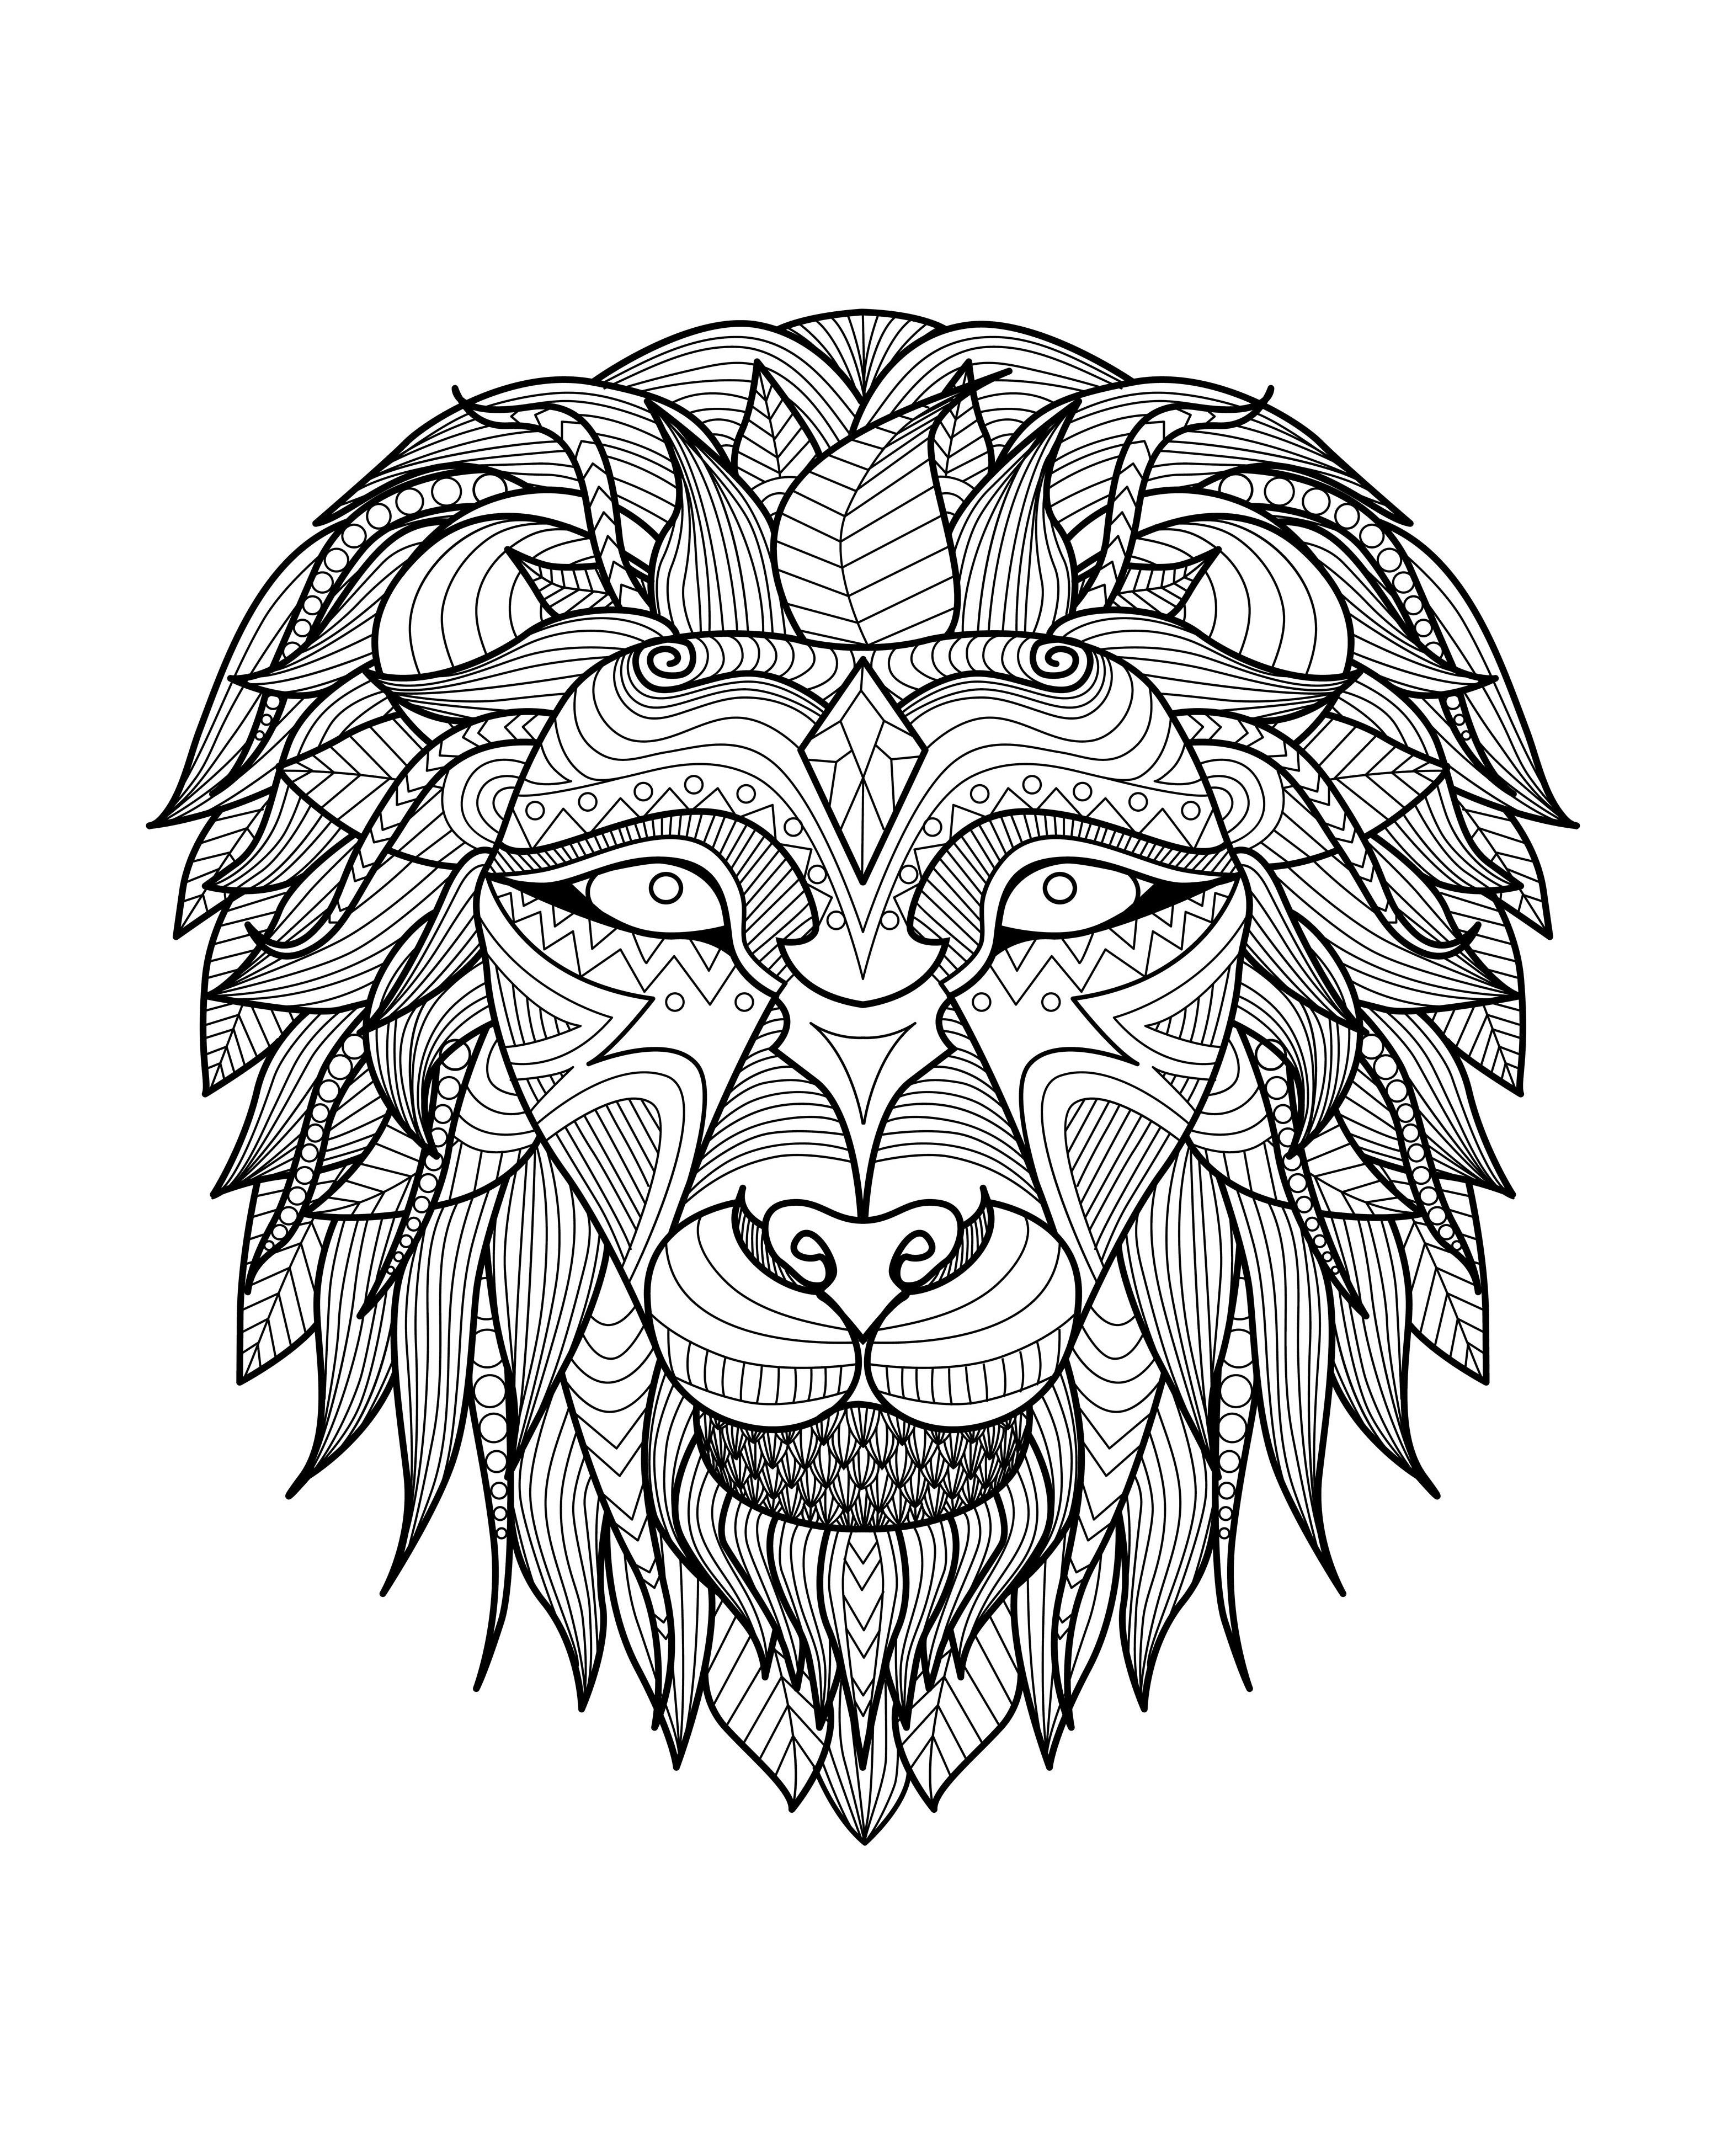 Afrique tete lion 2A partir de la galerie : Afrique